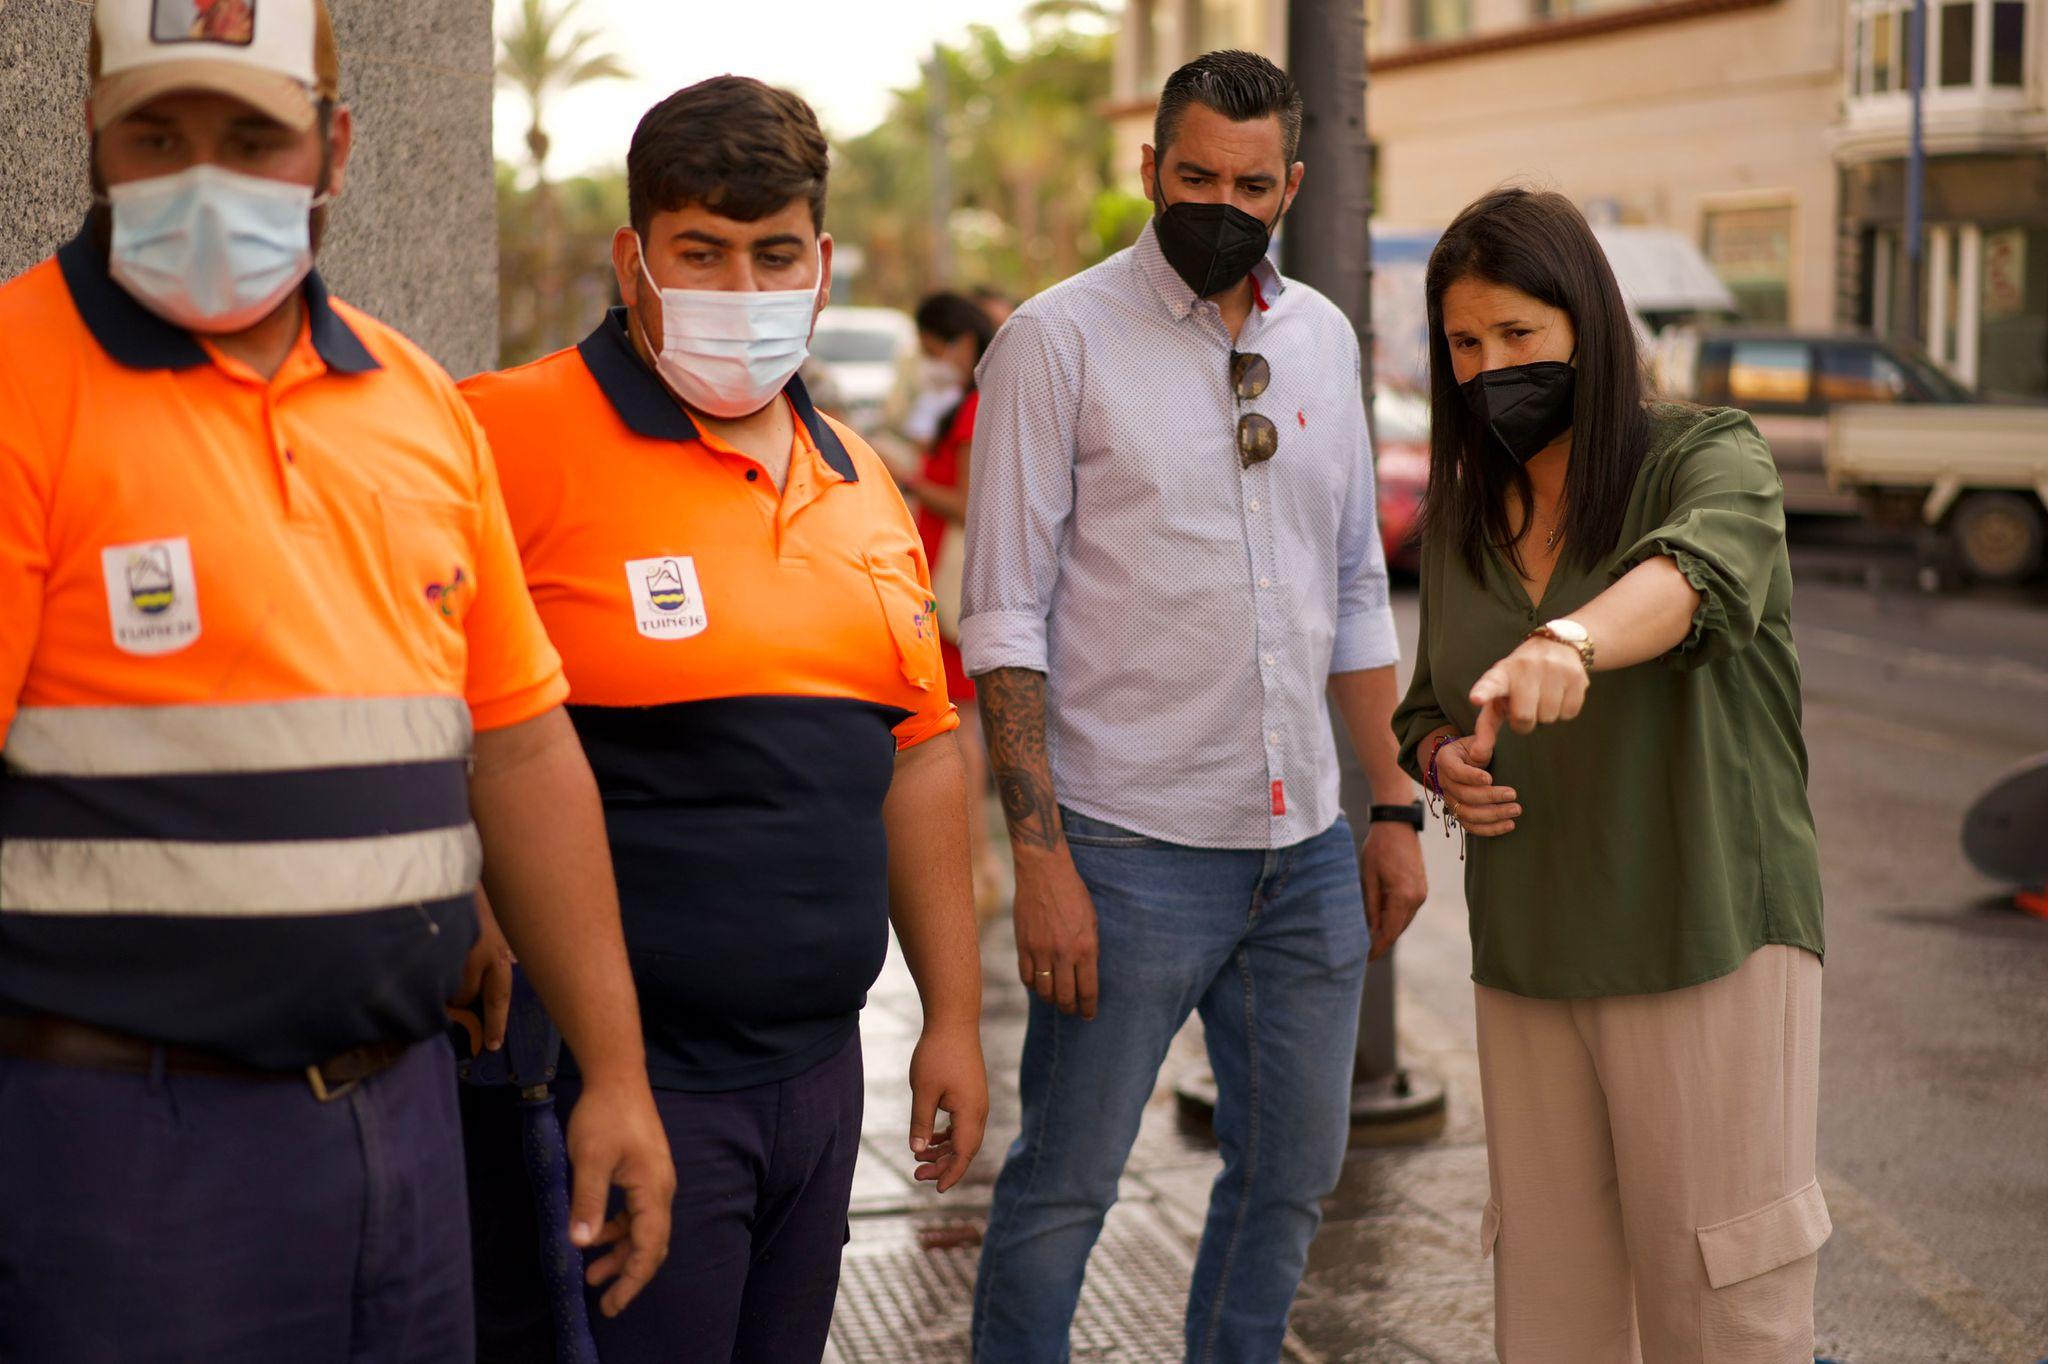 Limpieza-1 Más limpieza en las zonas comerciales de Tuineje